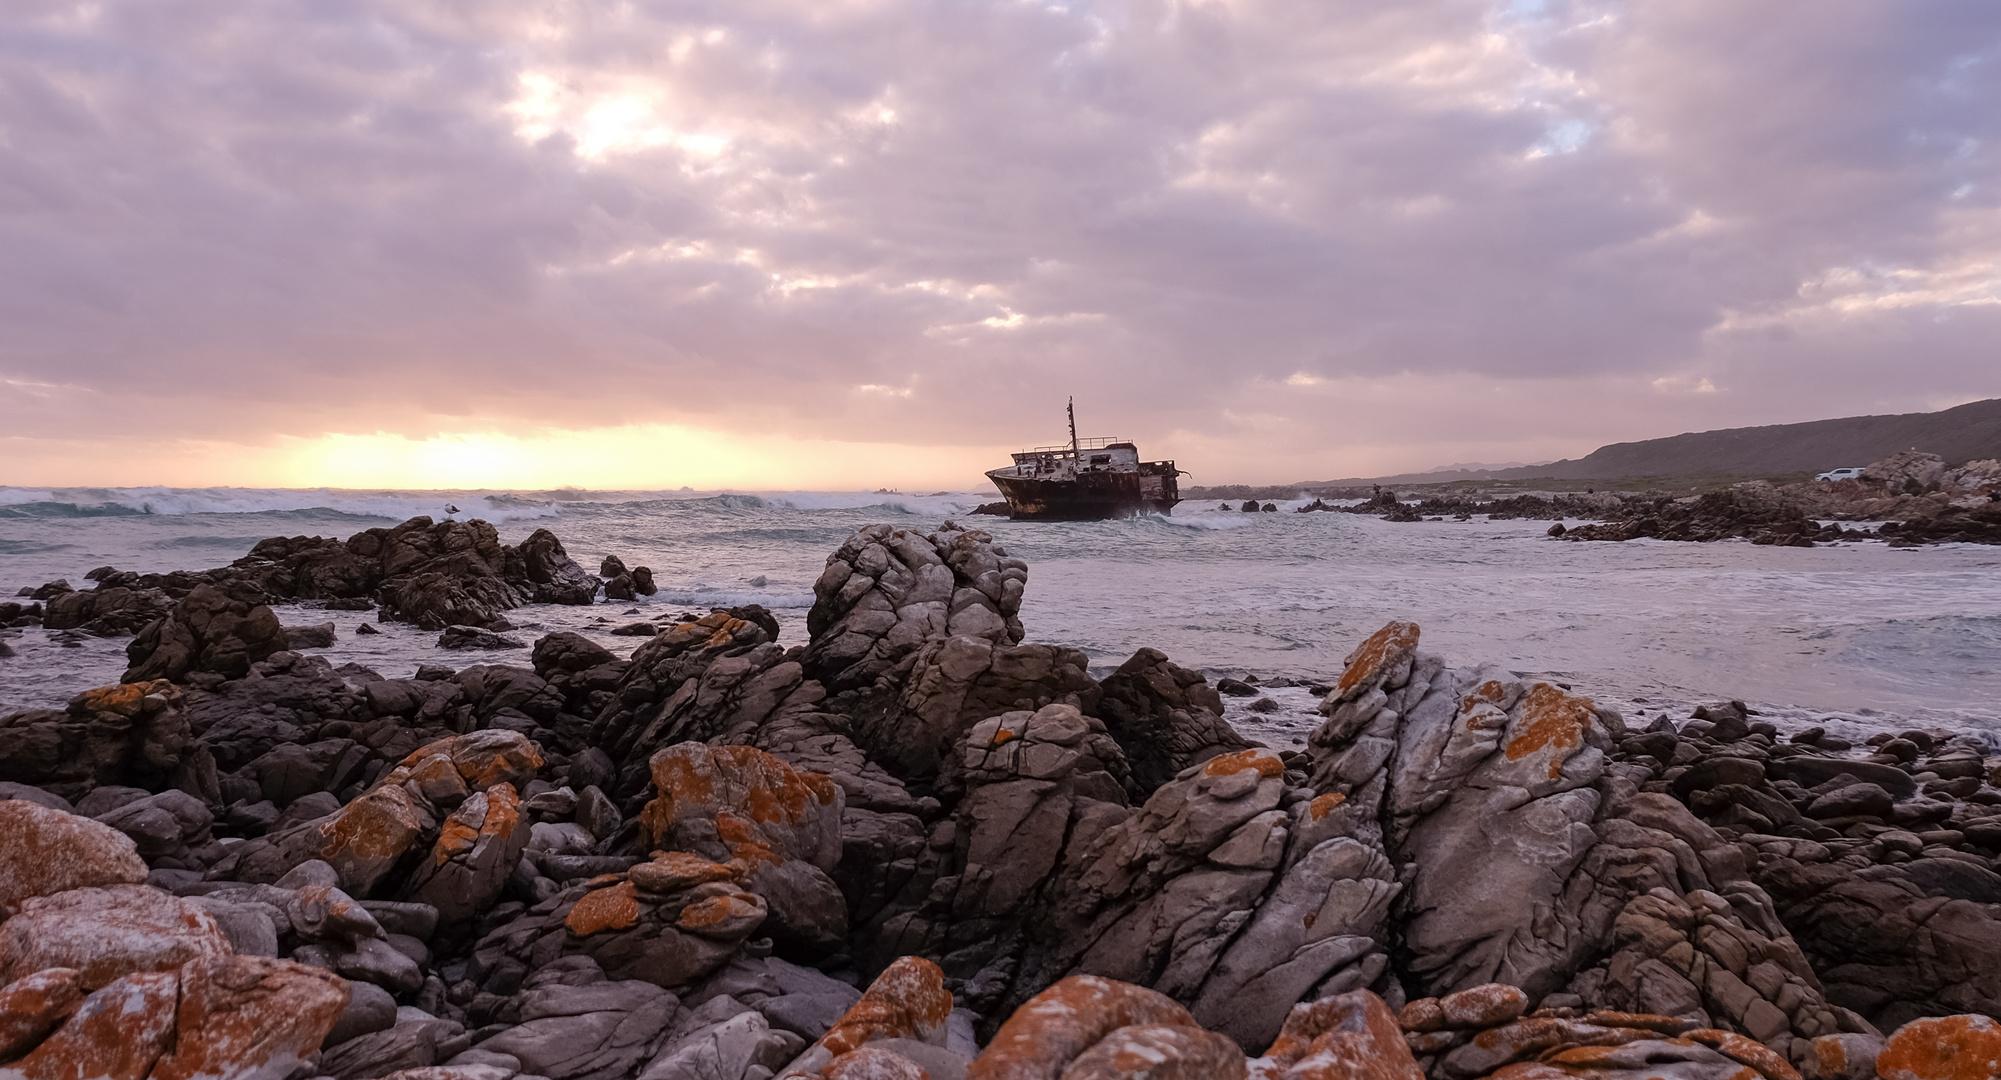 Schiffswrack an der Küste